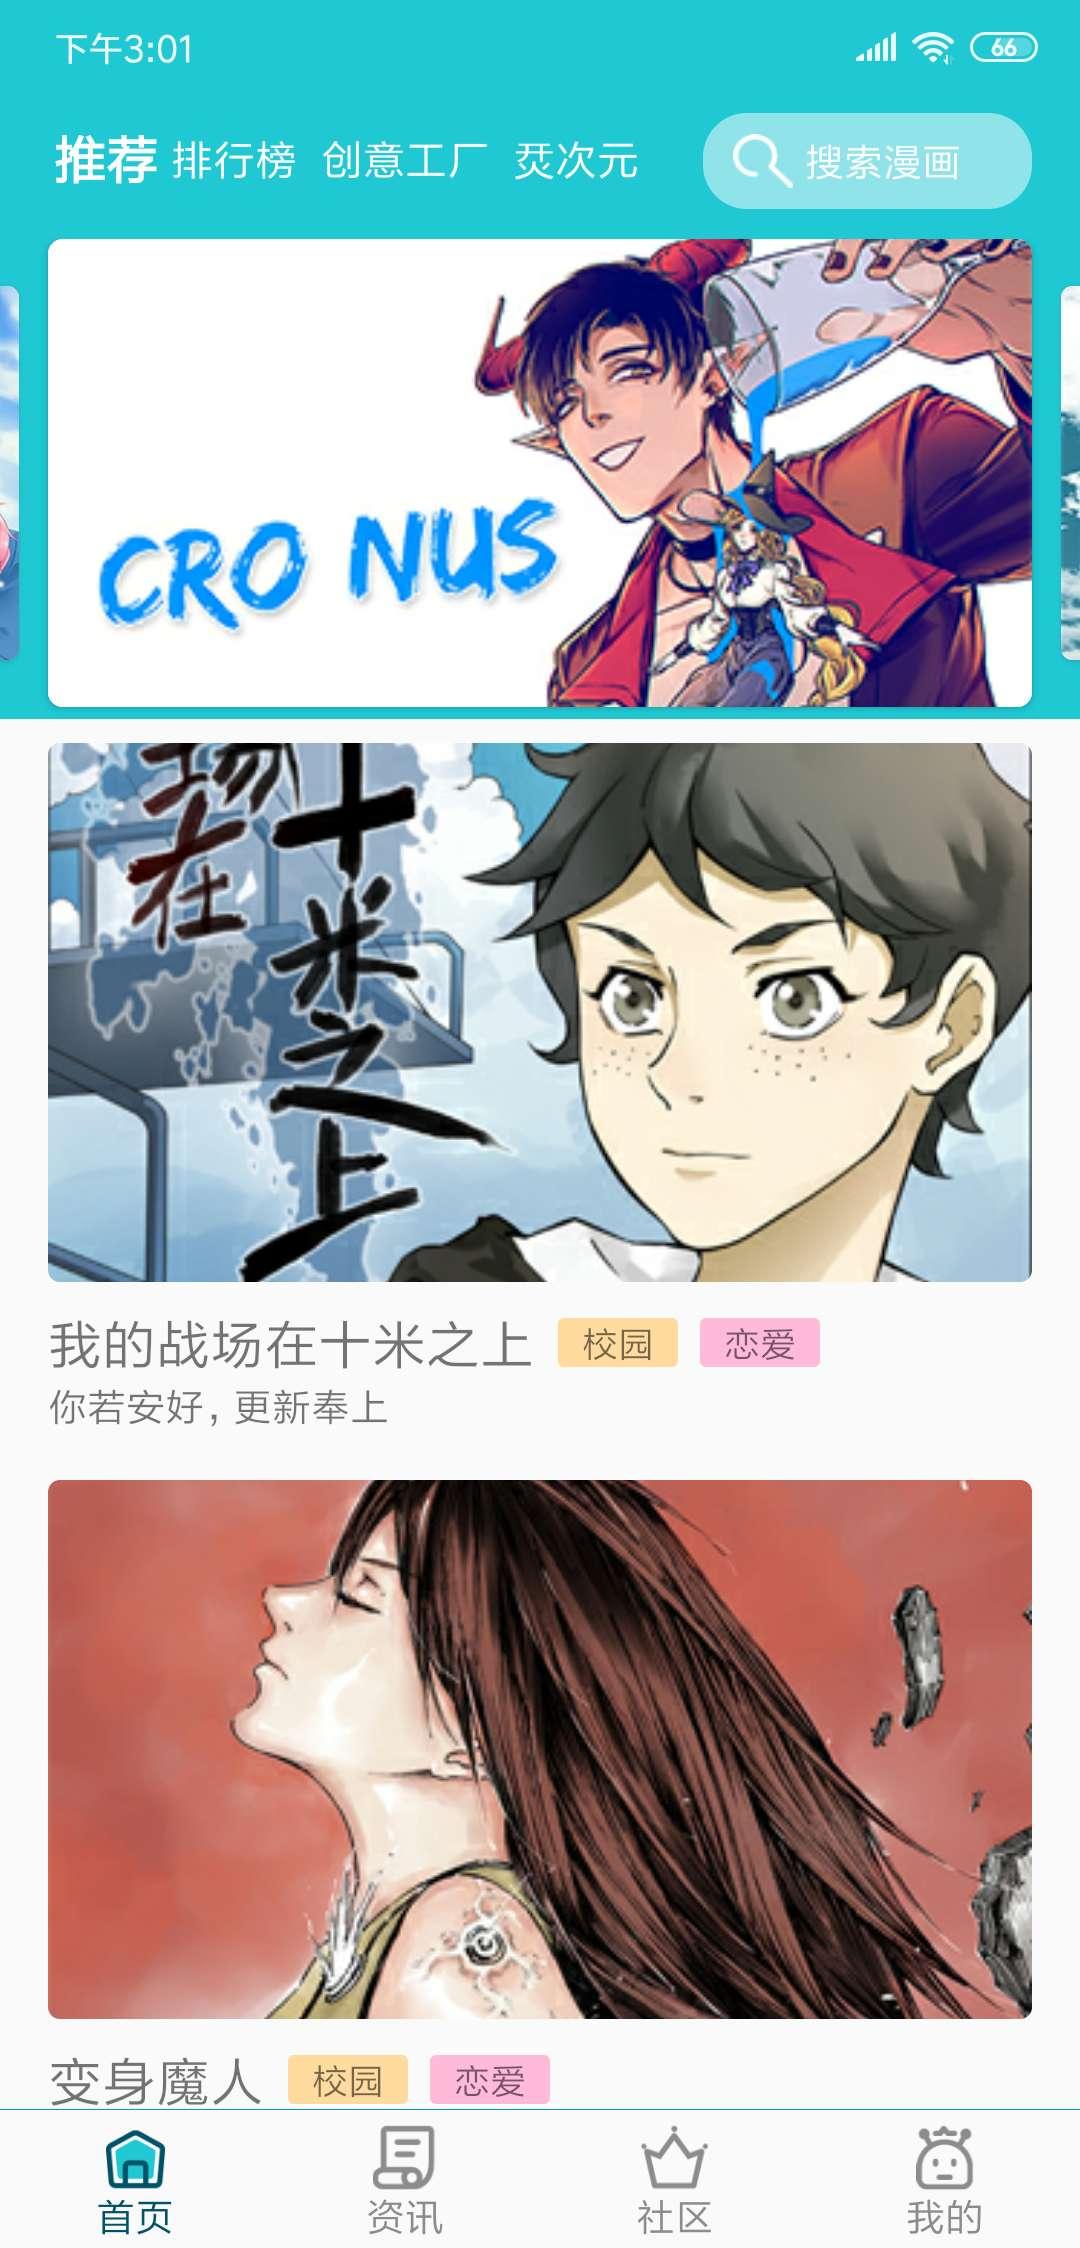 三味漫画2.2.0版 超多漫画!-爱小助